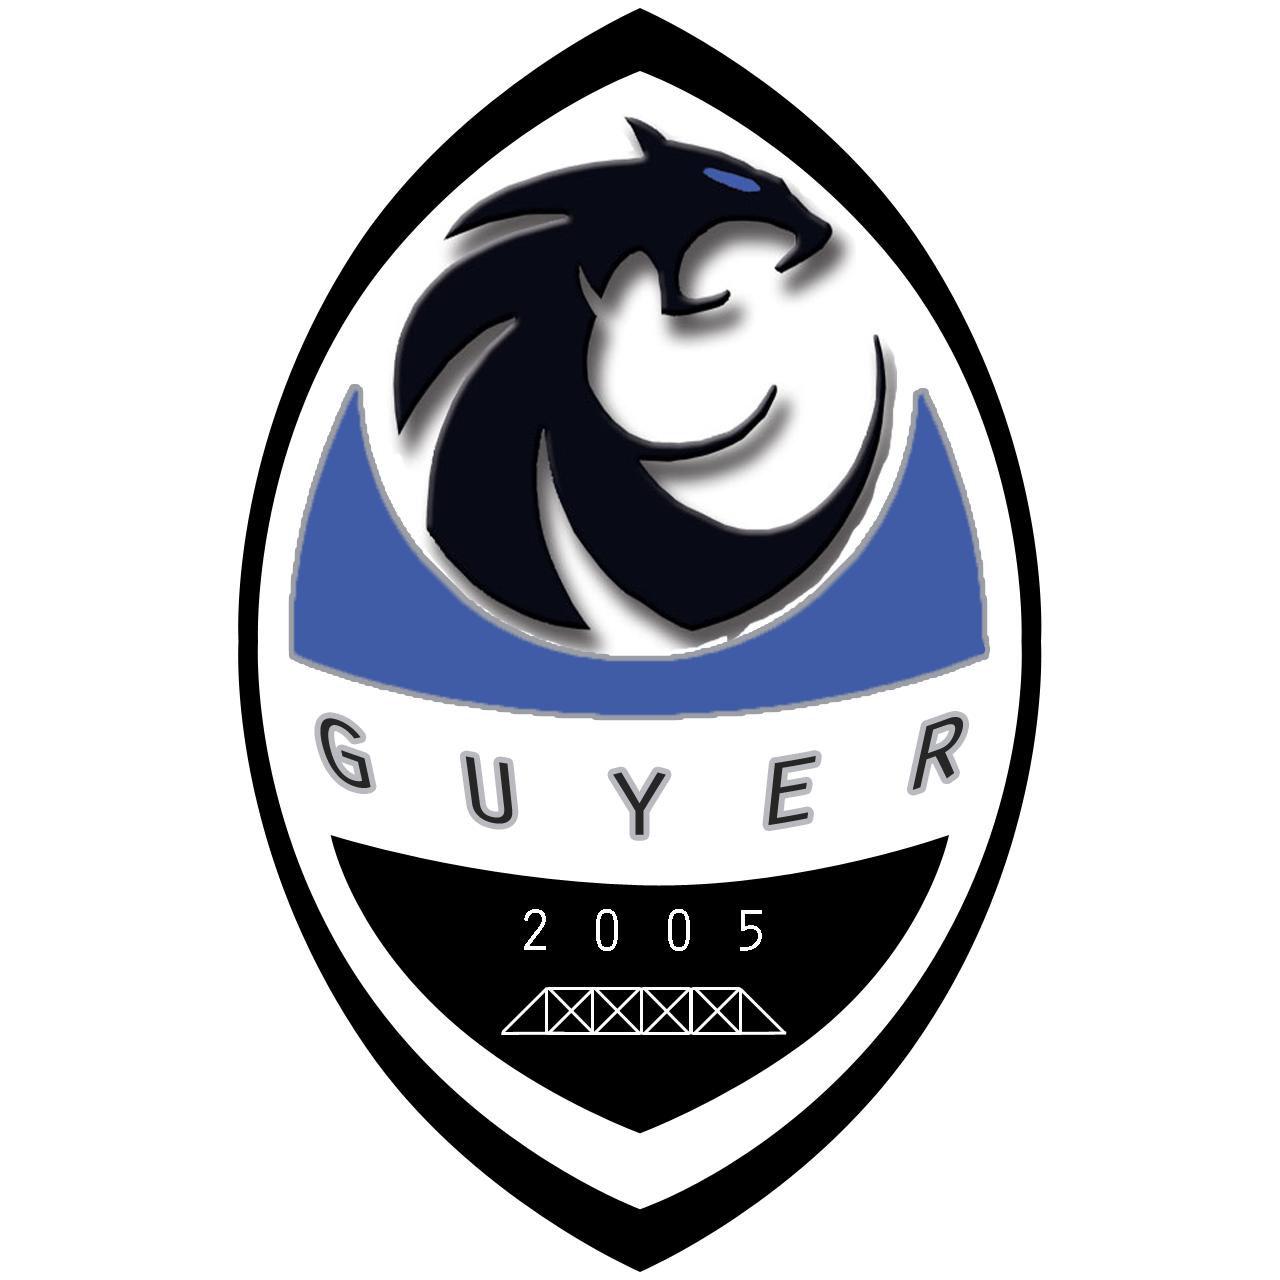 Guyer